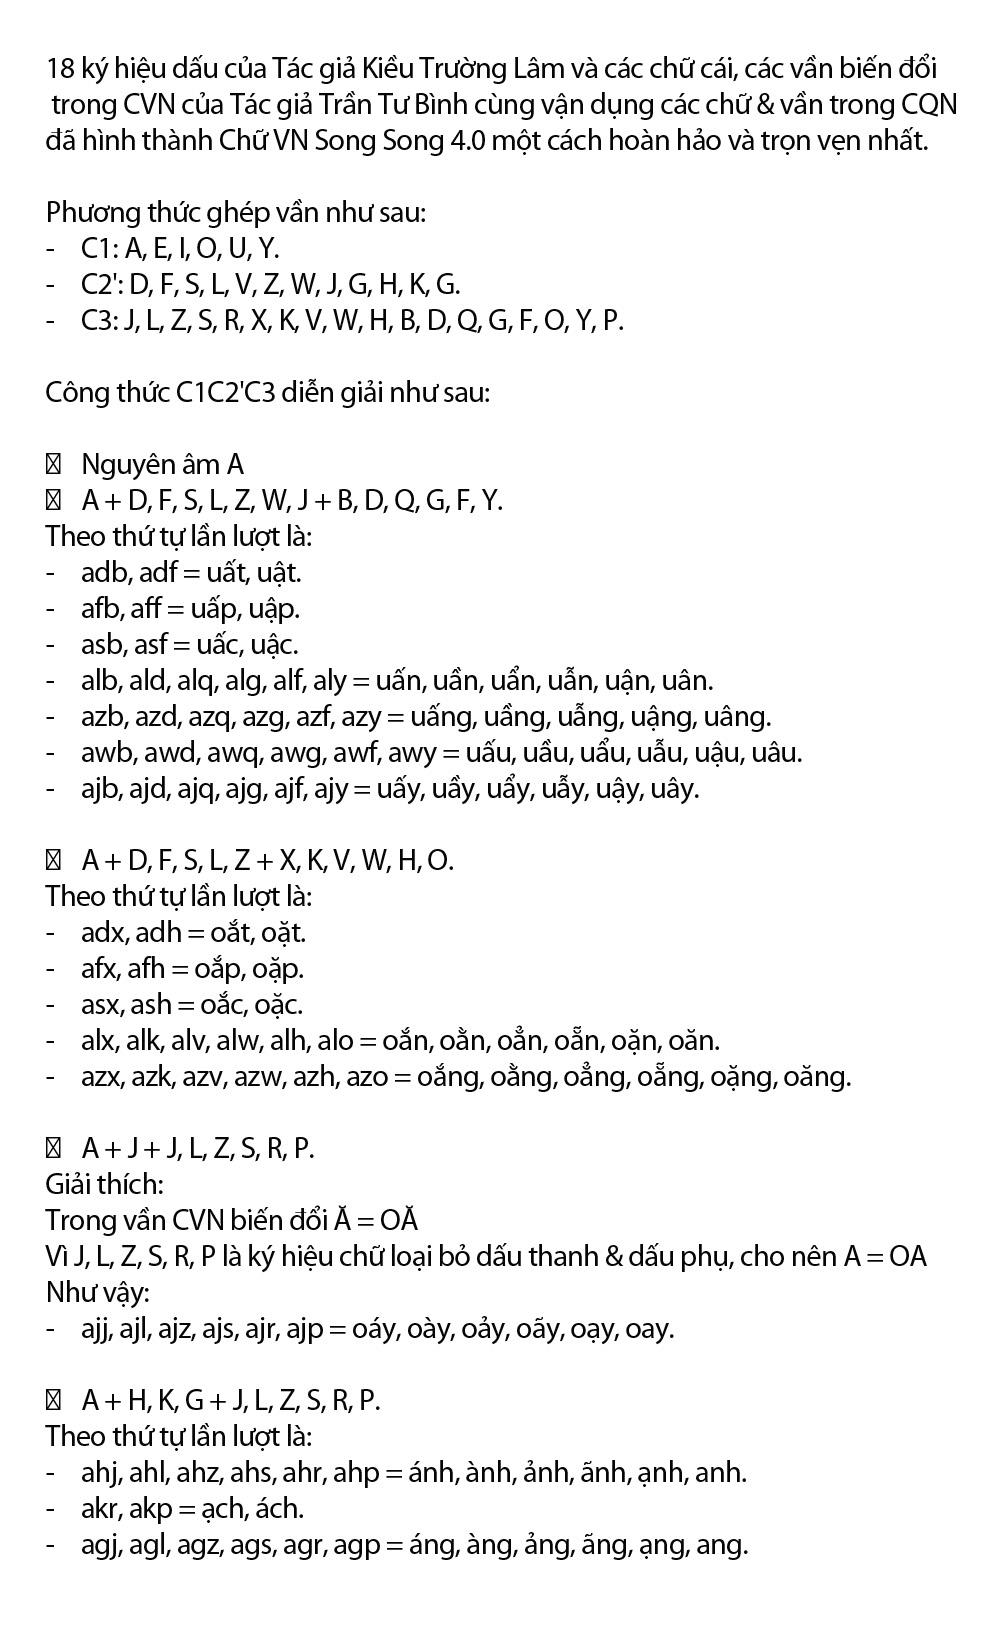 Tiếng Việt không dấu chính thức được cấp bản quyền, tác giả hy vọng chữ mới có thể được đưa vào giảng dạy cho học sinh - Ảnh 12